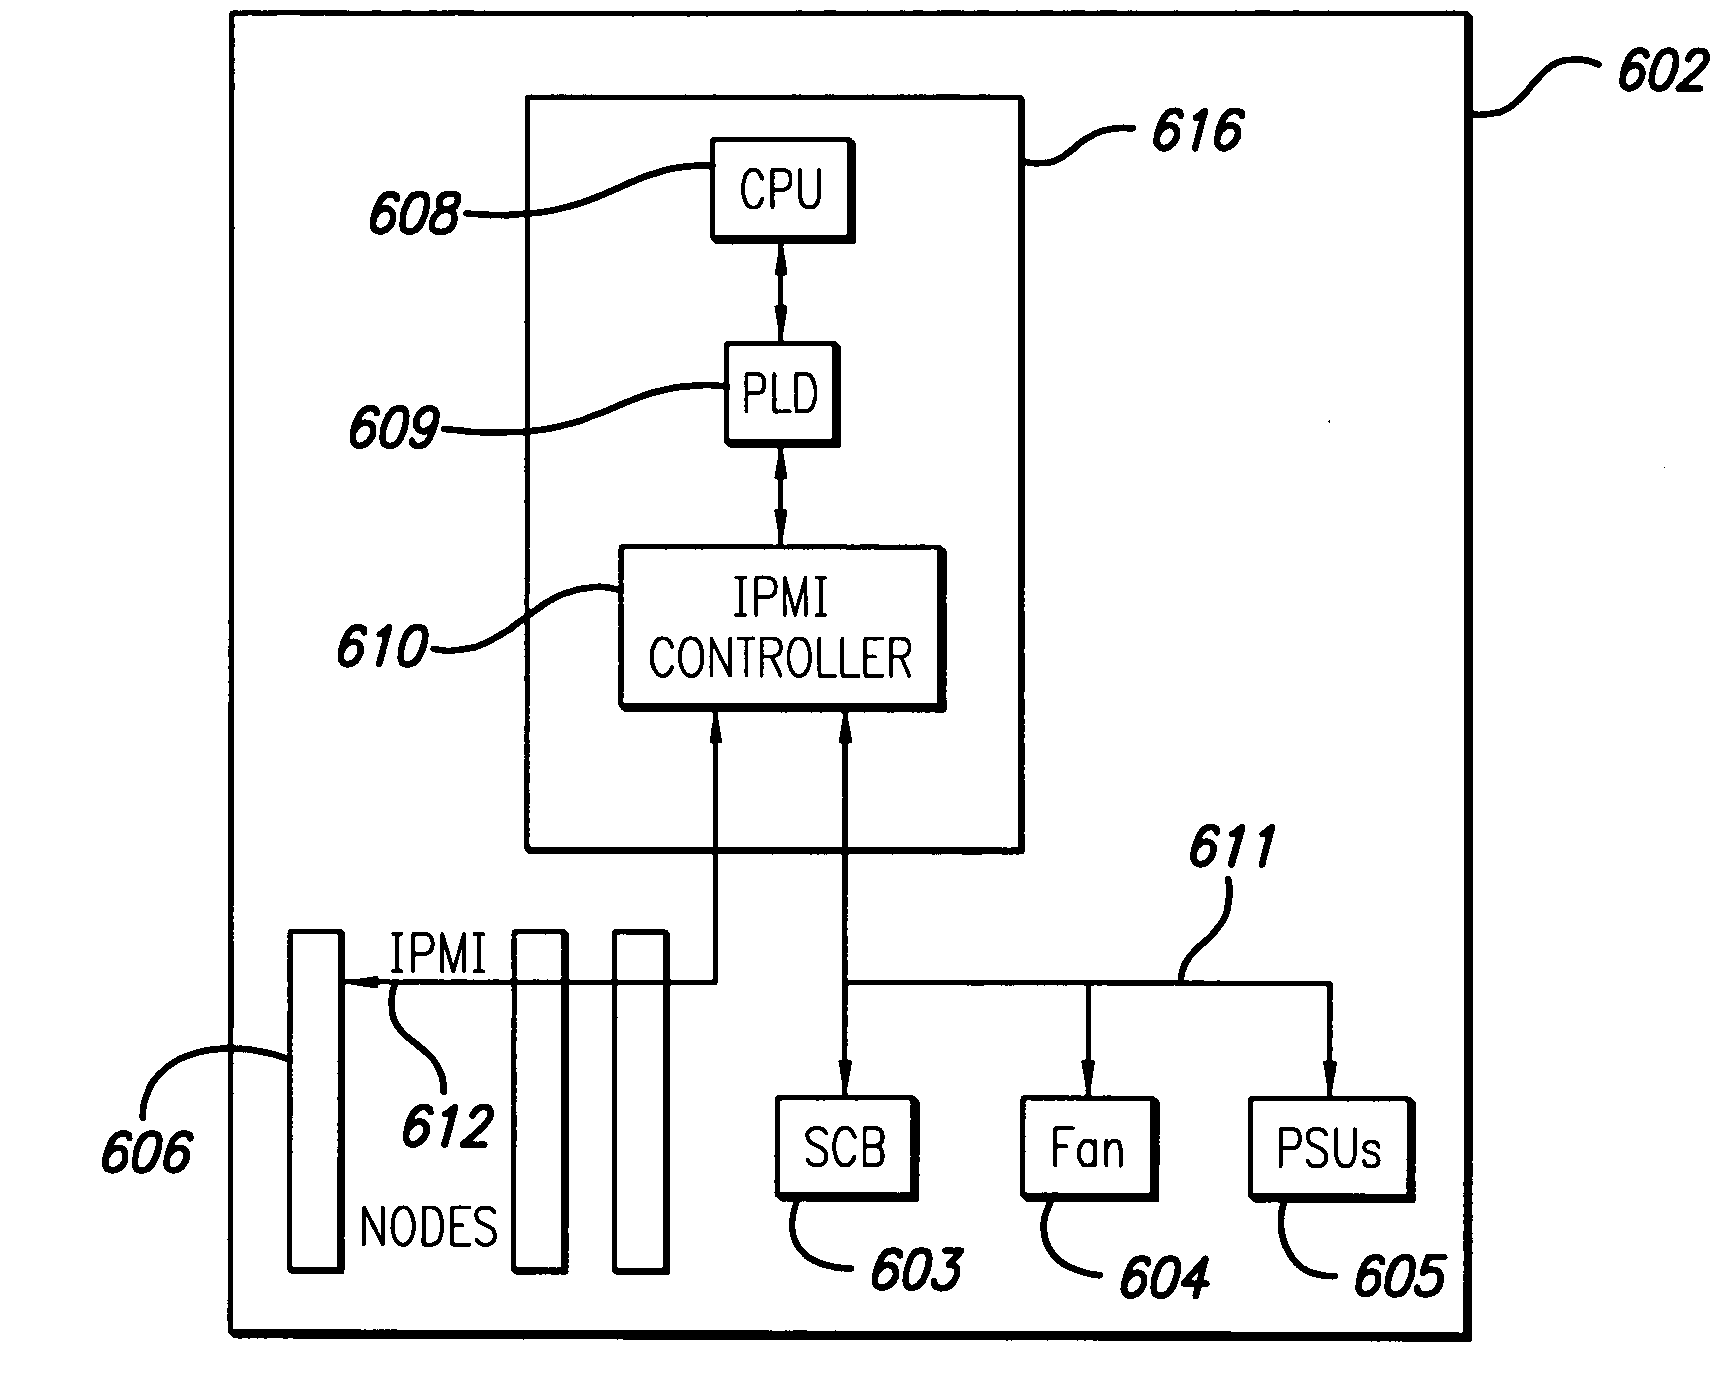 براءة الاختراع US20050091438 - Exporting 12C controller